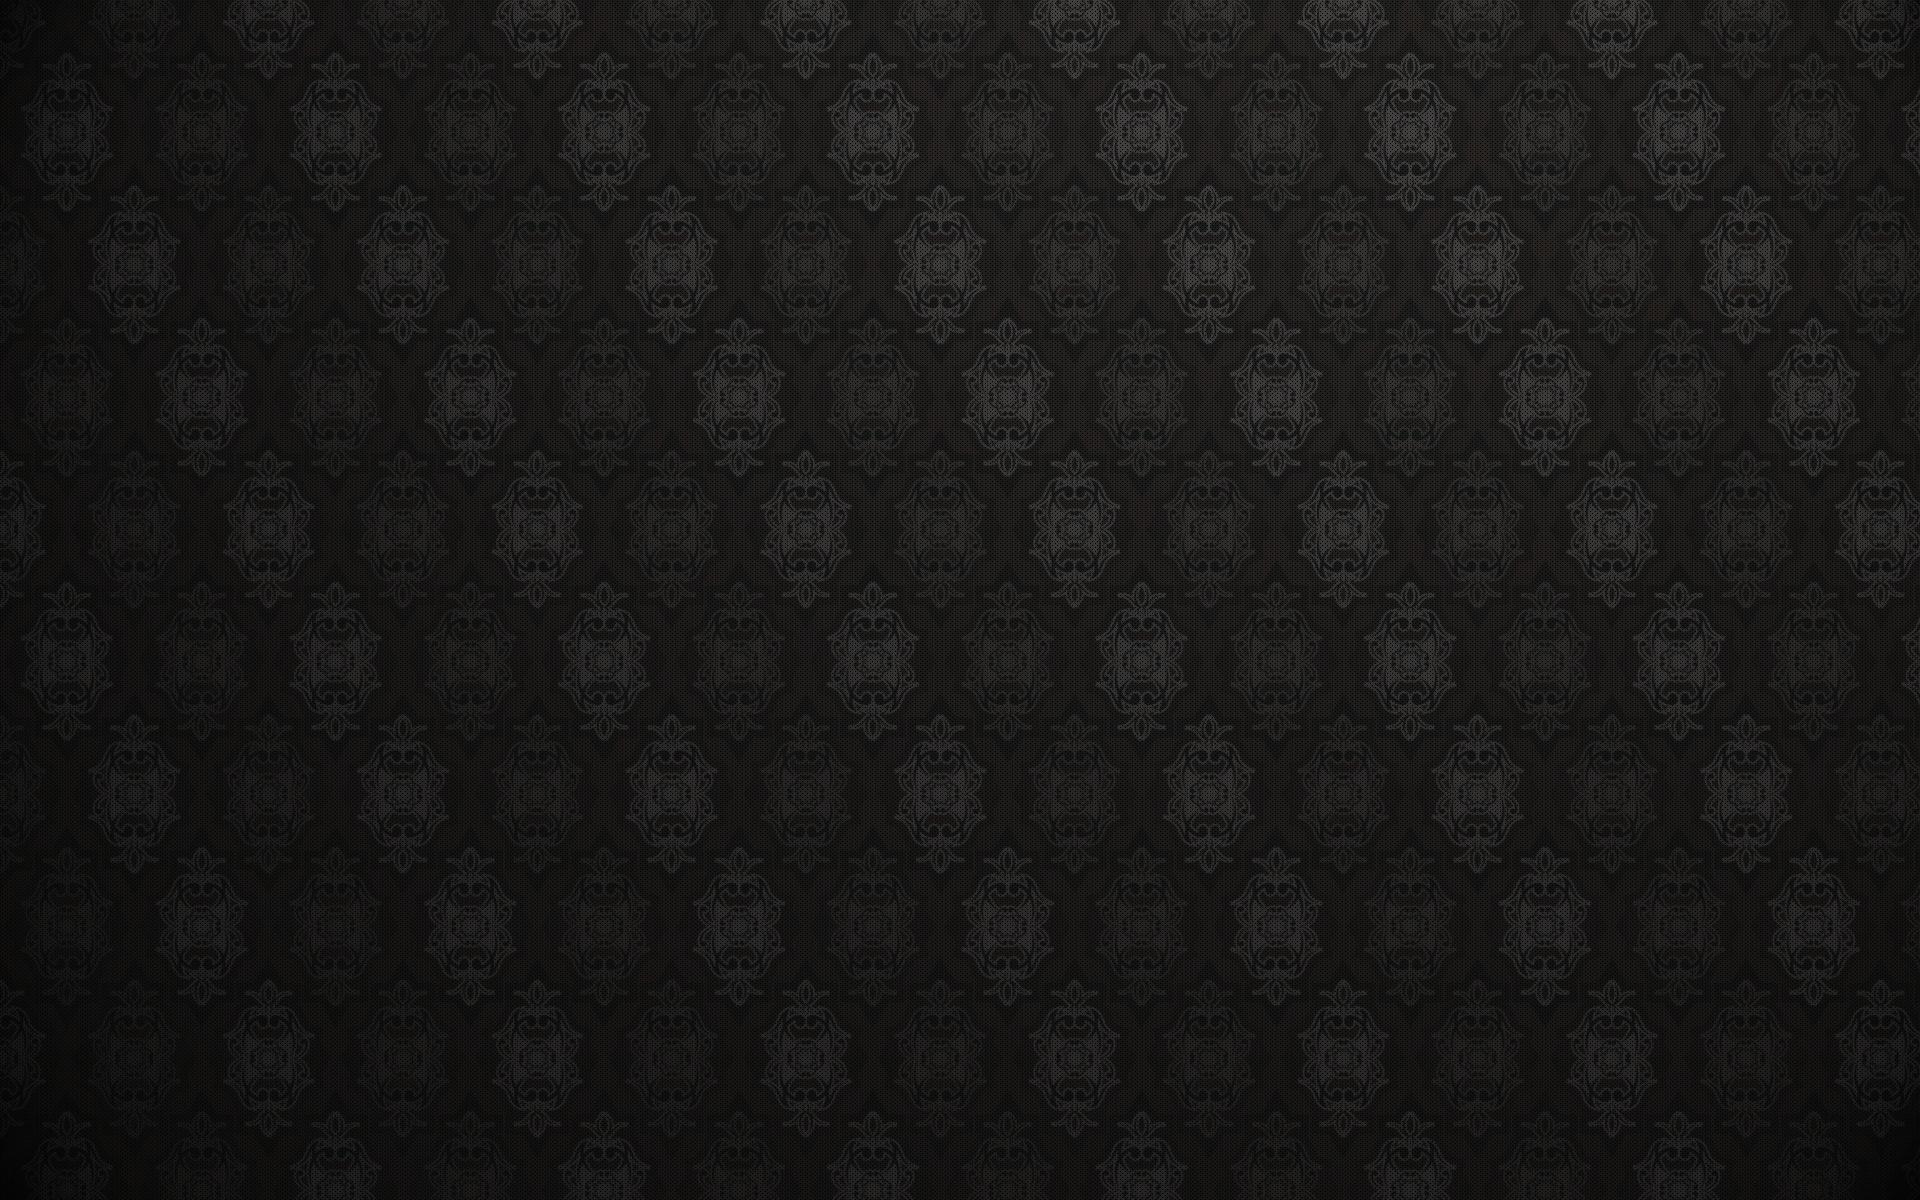 Free elegant wallpaper 22053 1920x1200 px for Elegant wallpaper